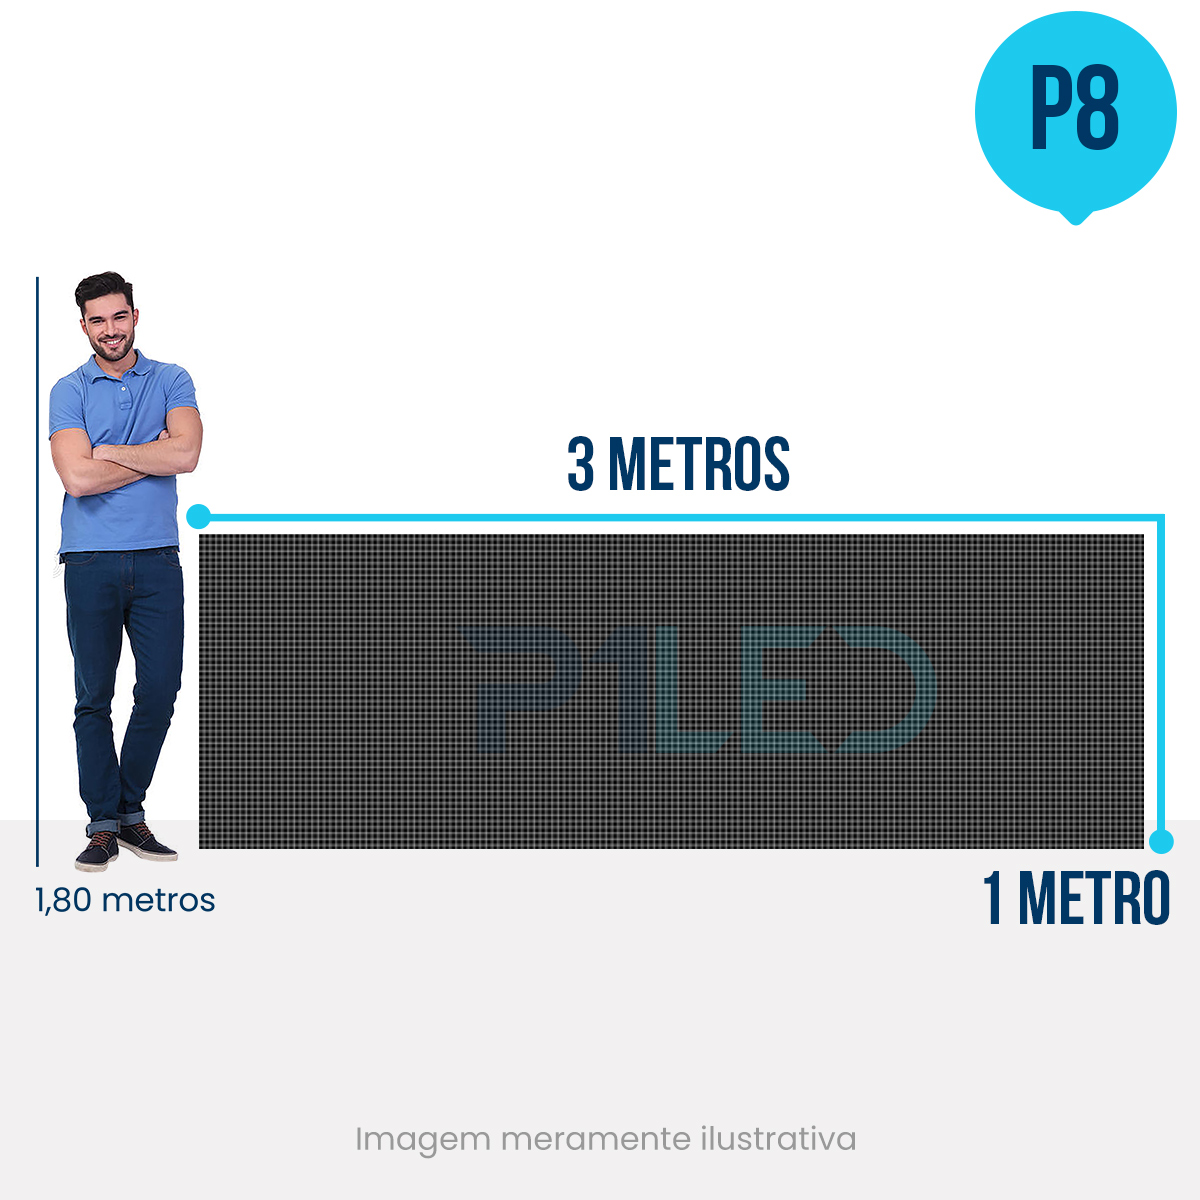 Painel de LED para Posto de Gasolina 3x1 - Telão P8 Outdoor  - Painel e Telão de LED - O Melhor Preço em Painel de LED   P1LED